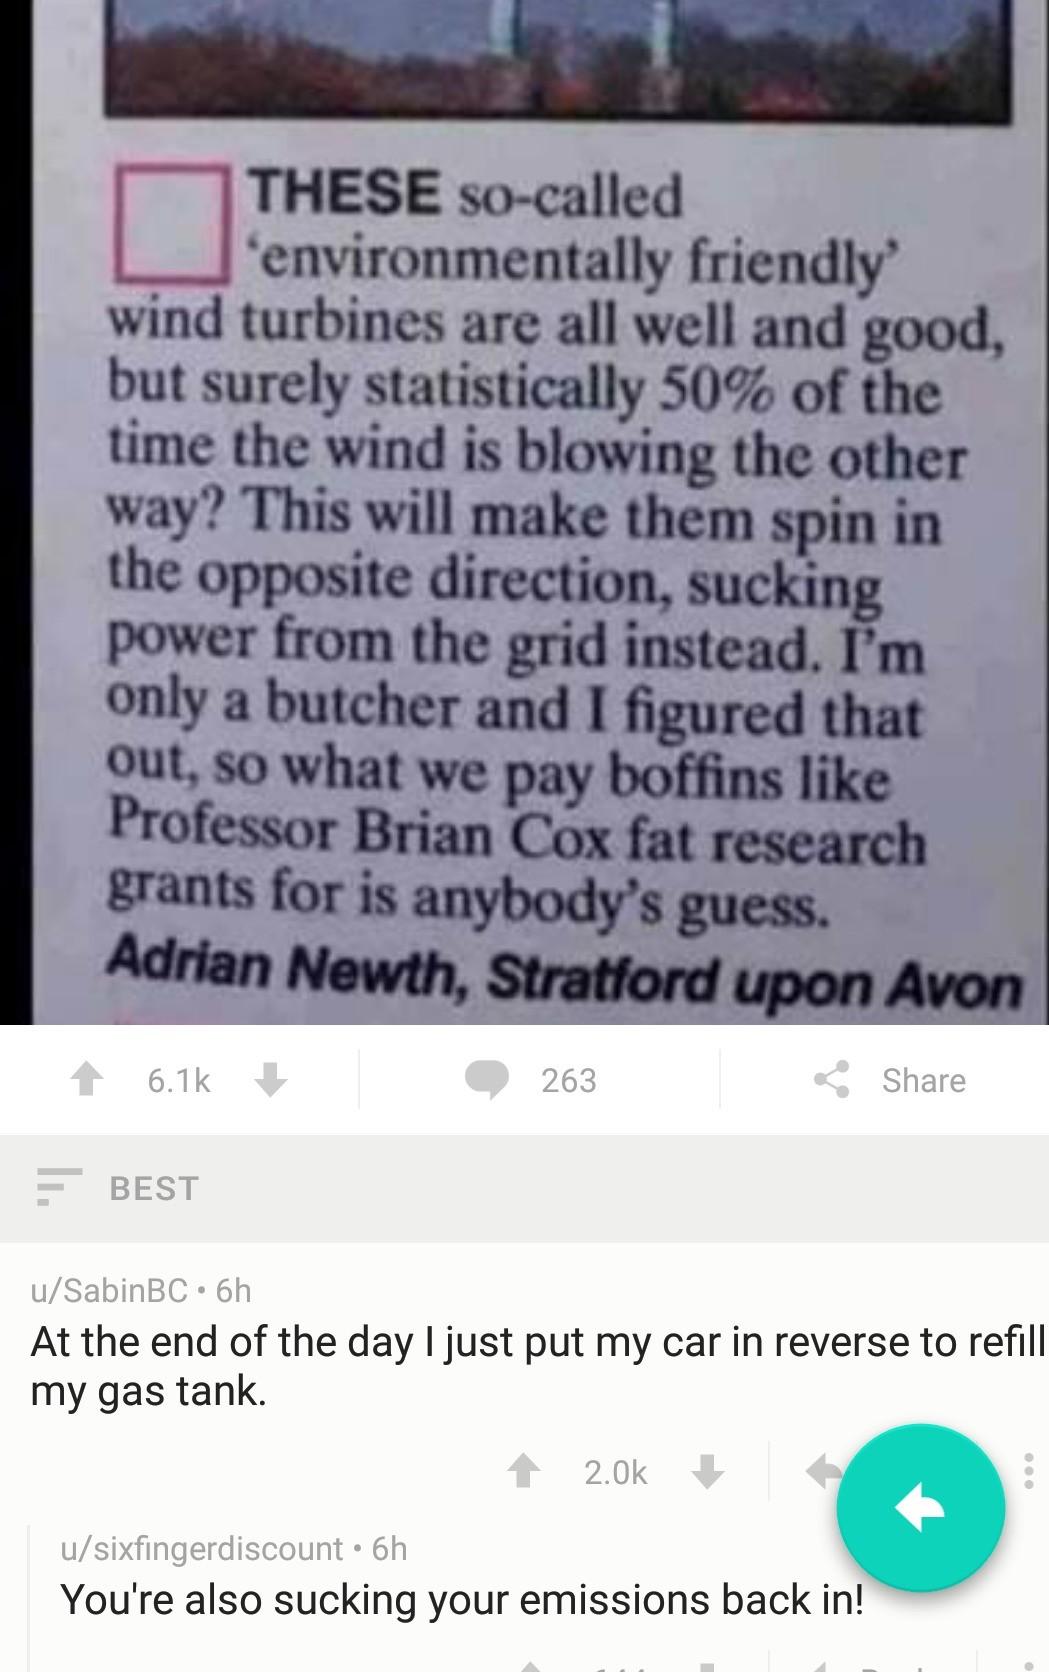 I love reddit comments